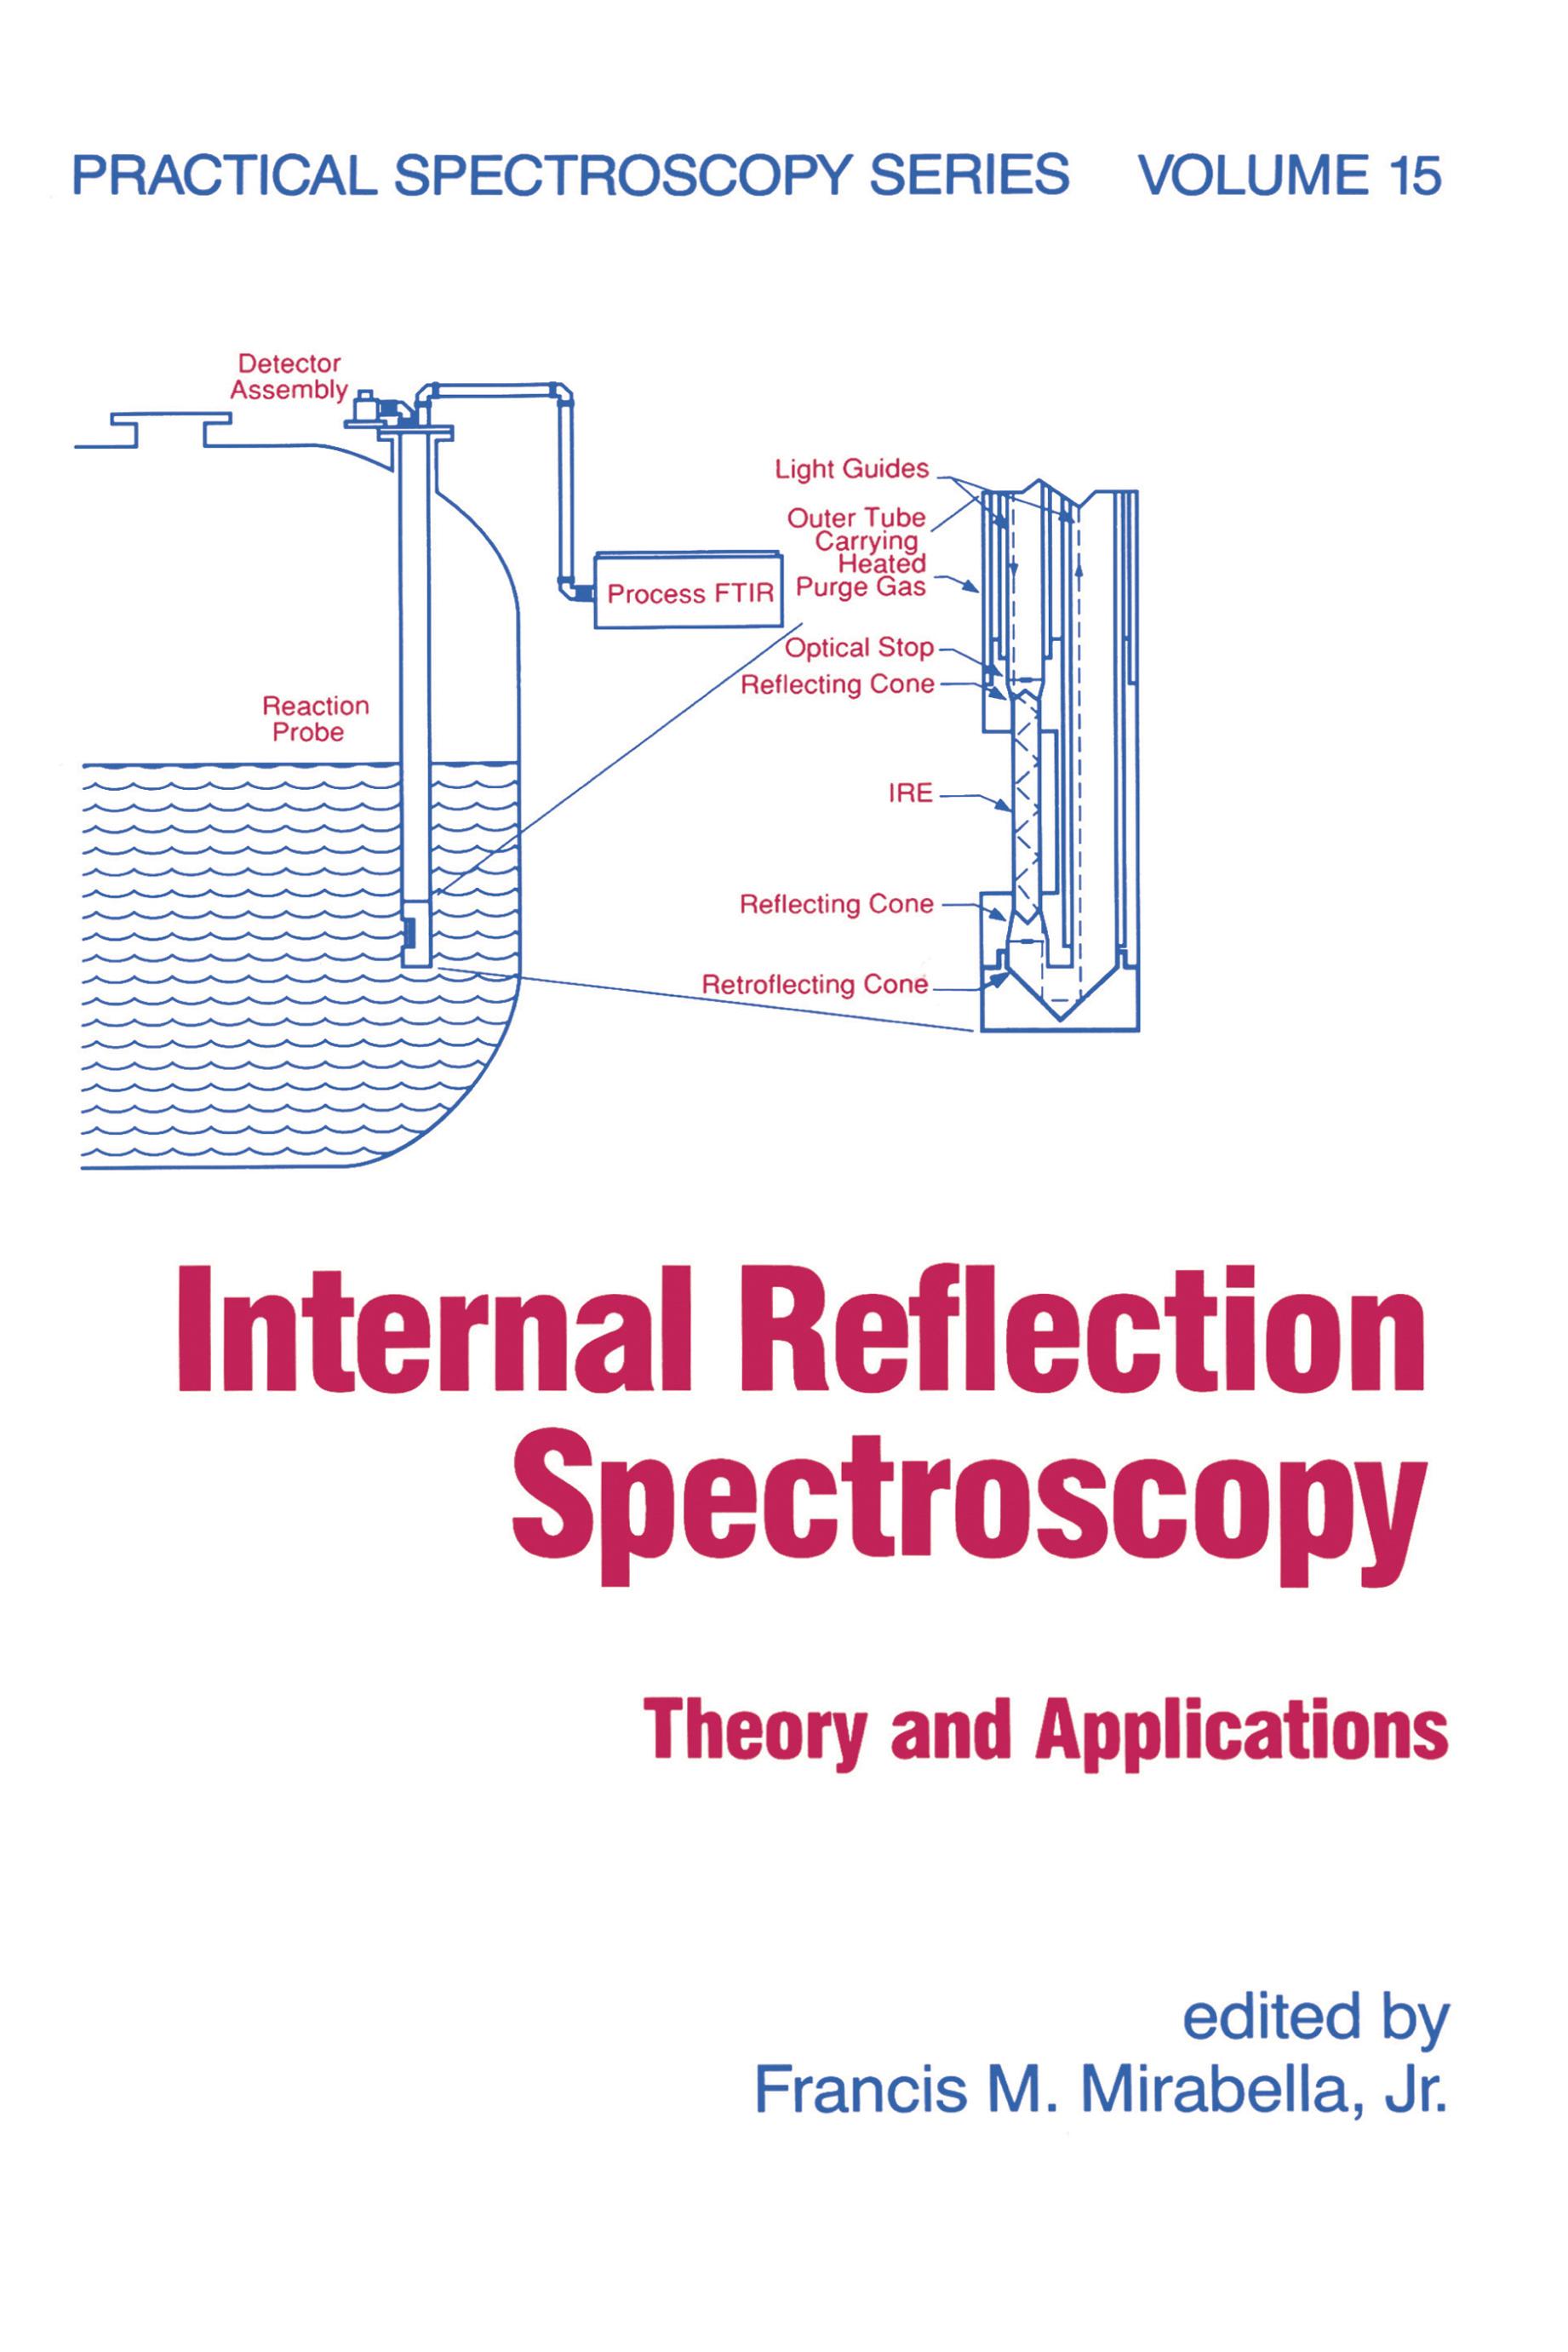 Internal Reflection Spectroscopy